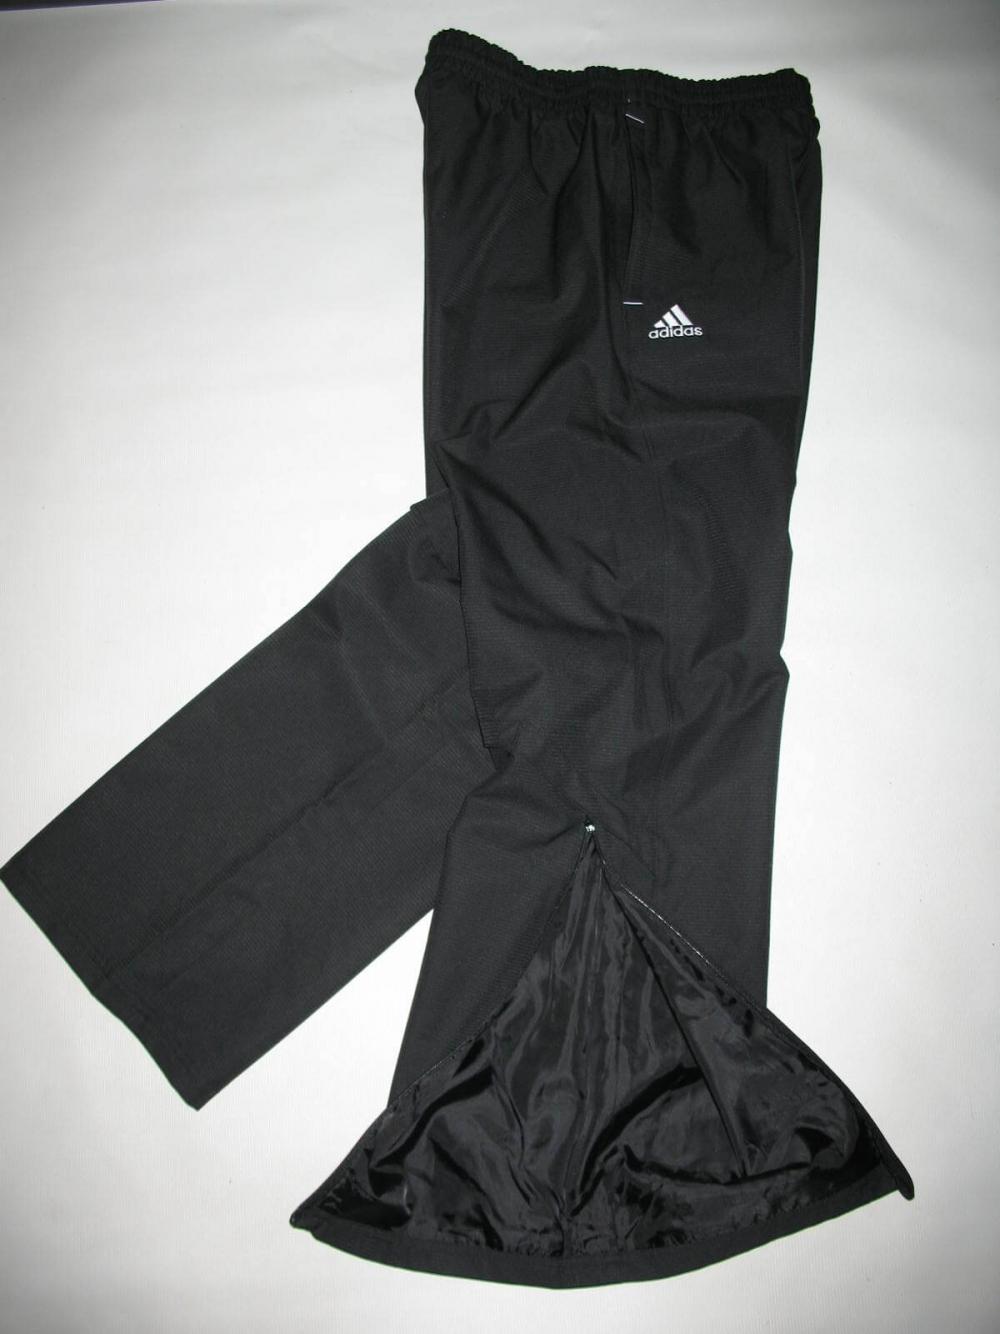 Штаны ADIDAS team woven pant lady/unisex (размер S/M) - 5